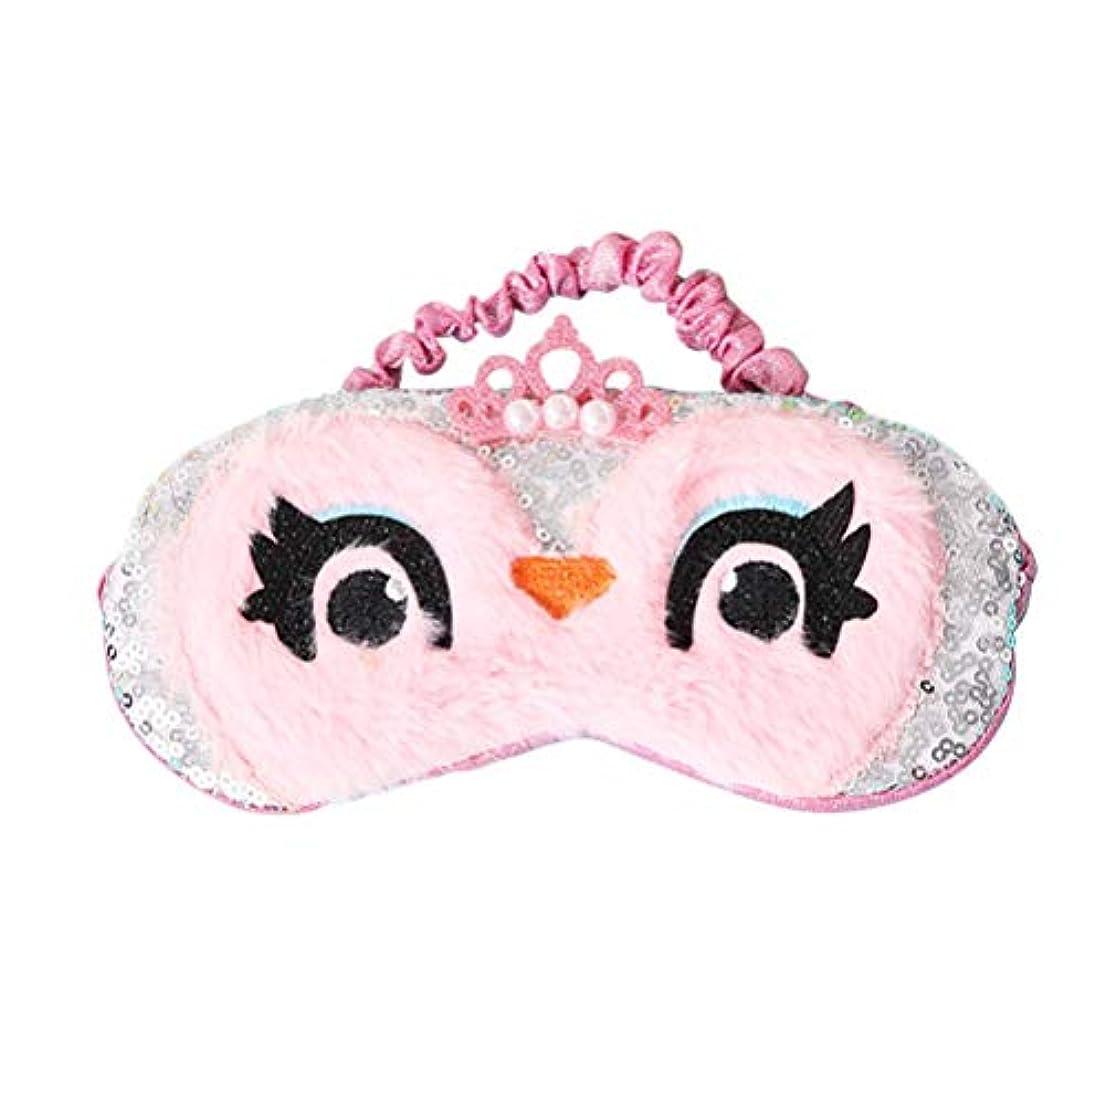 滞在副いくつかのHealifty アイマスクかわいいぬいぐるみ目隠しアイカバー用女性女の子子供ホームベッド旅行フライトカーキャンプ用(ピンク)